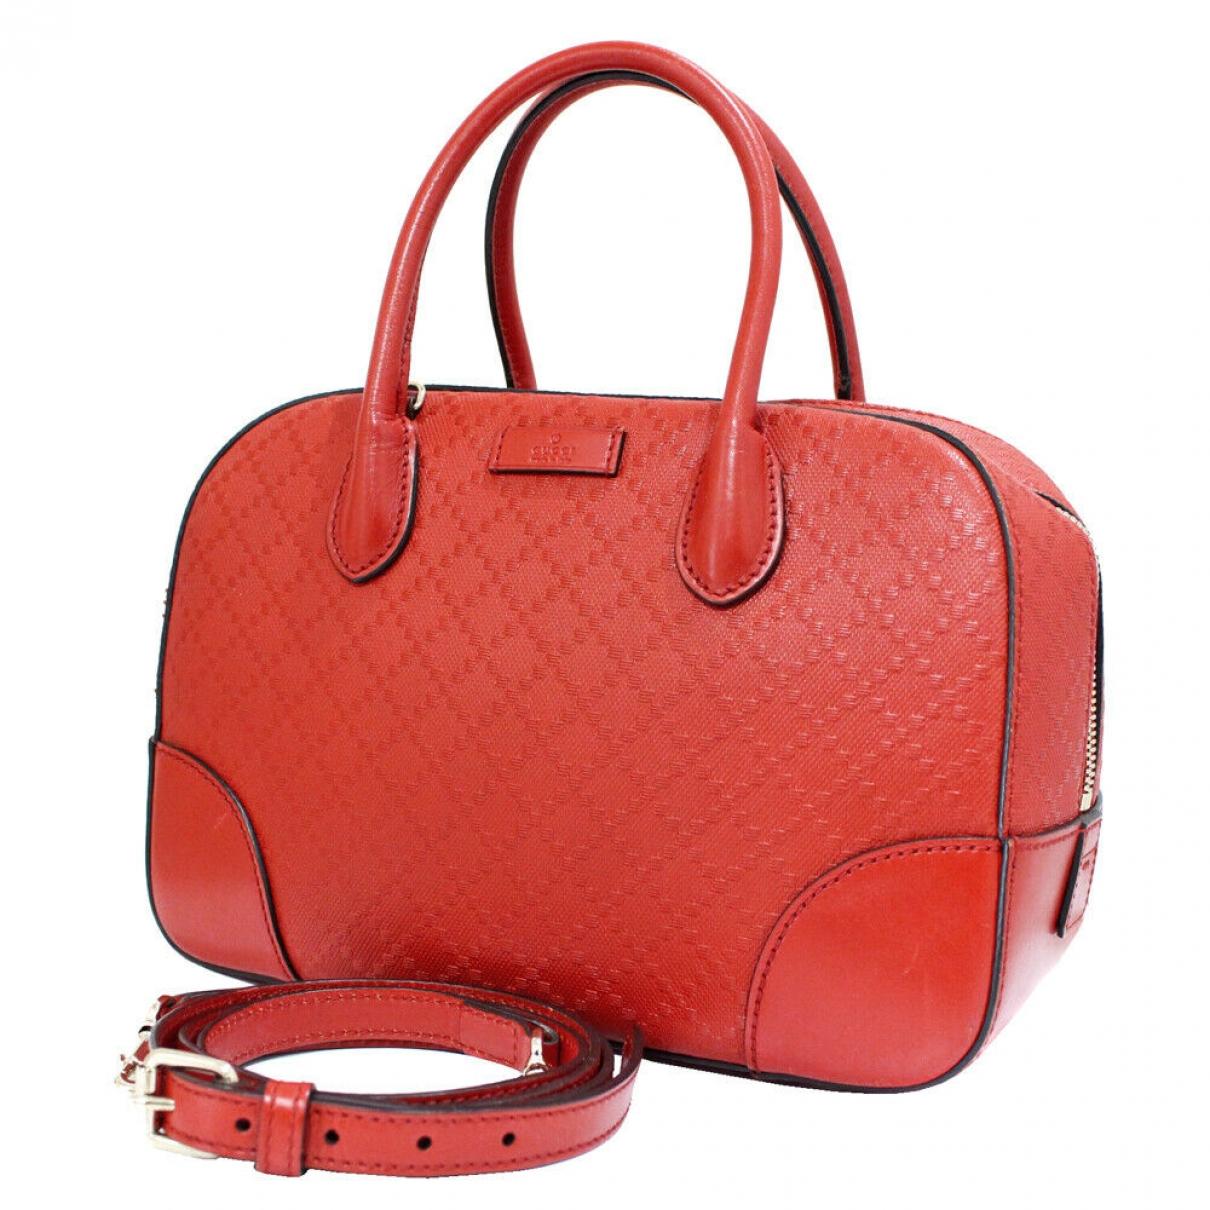 Gucci \N Handtasche in  Rot Leder